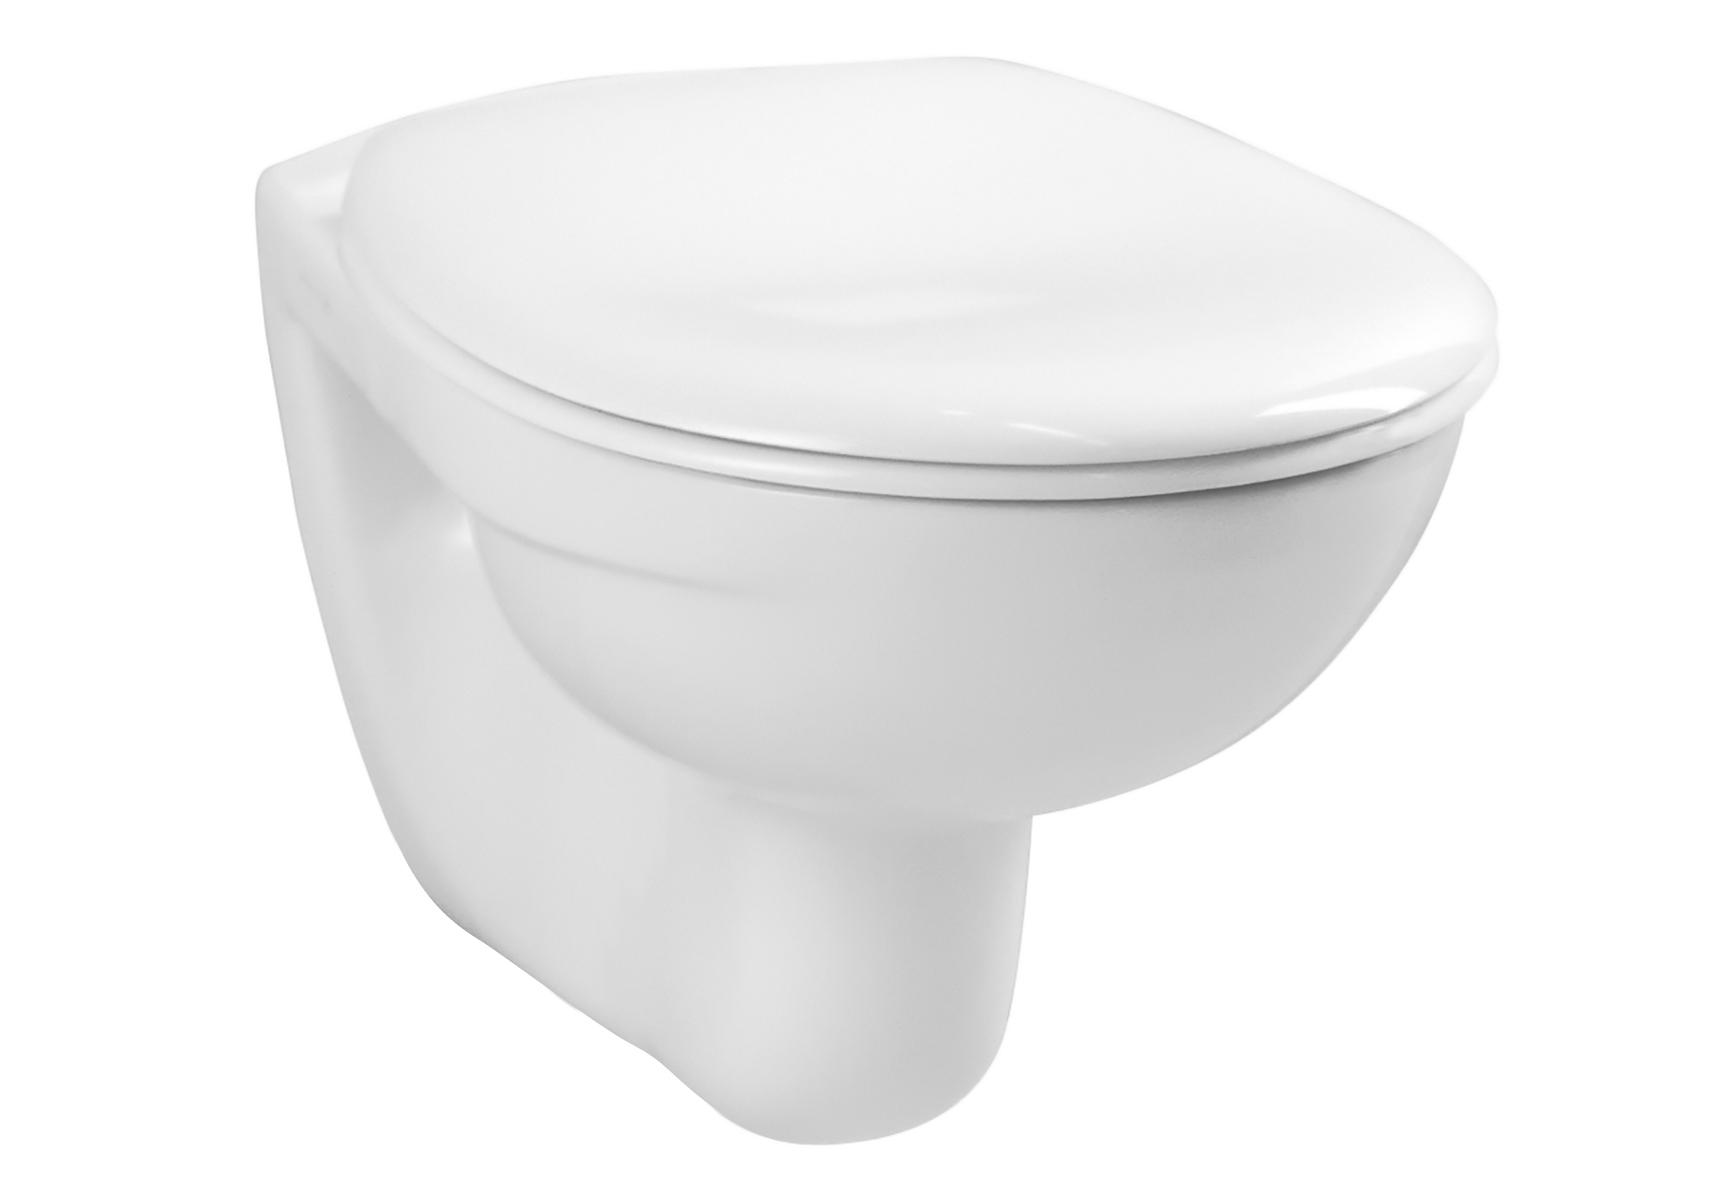 Normus WC suspendu avec fonction bidet, 54 cm